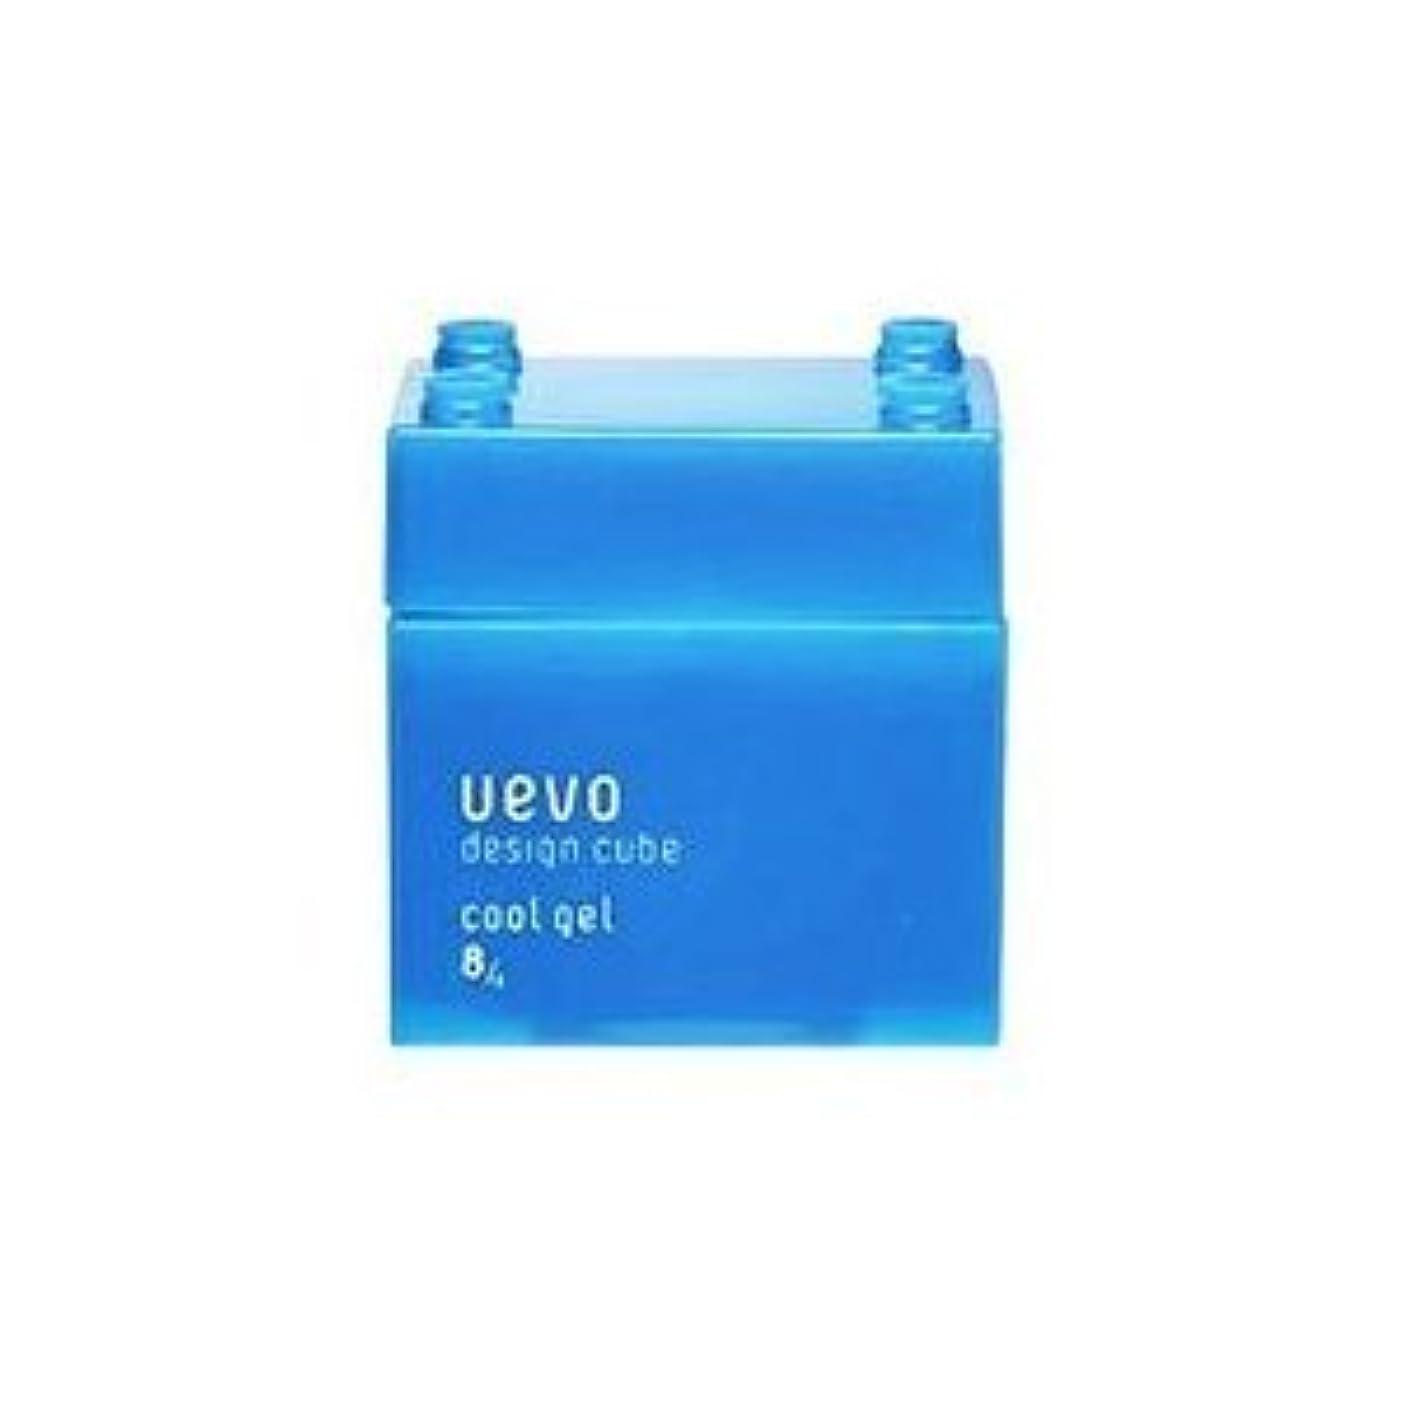 喜んで直面する薄暗い【X3個セット】 デミ ウェーボ デザインキューブ クールジェル 80g cool gel DEMI uevo design cube